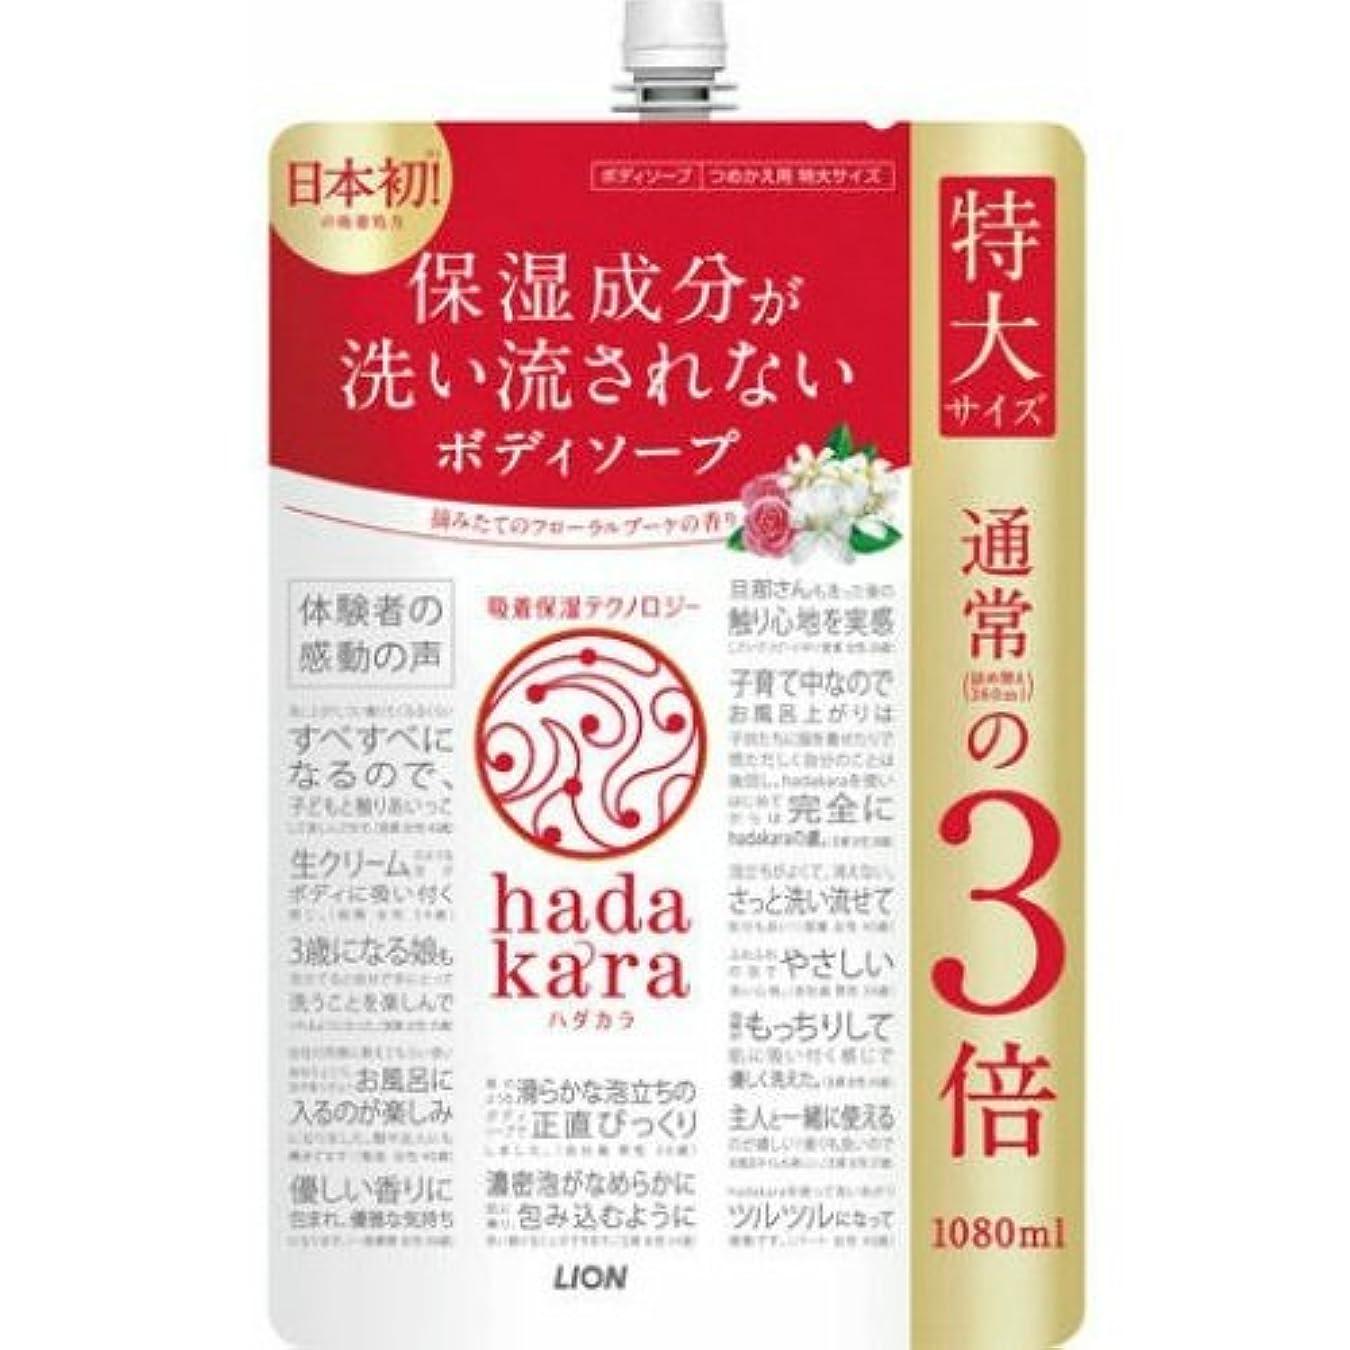 申請中第インシデントLION ライオン hadakara ハダカラ ボディソープ フローラルブーケの香り つめかえ用 特大サイズ 1080ml ×3点セット(4903301260875)